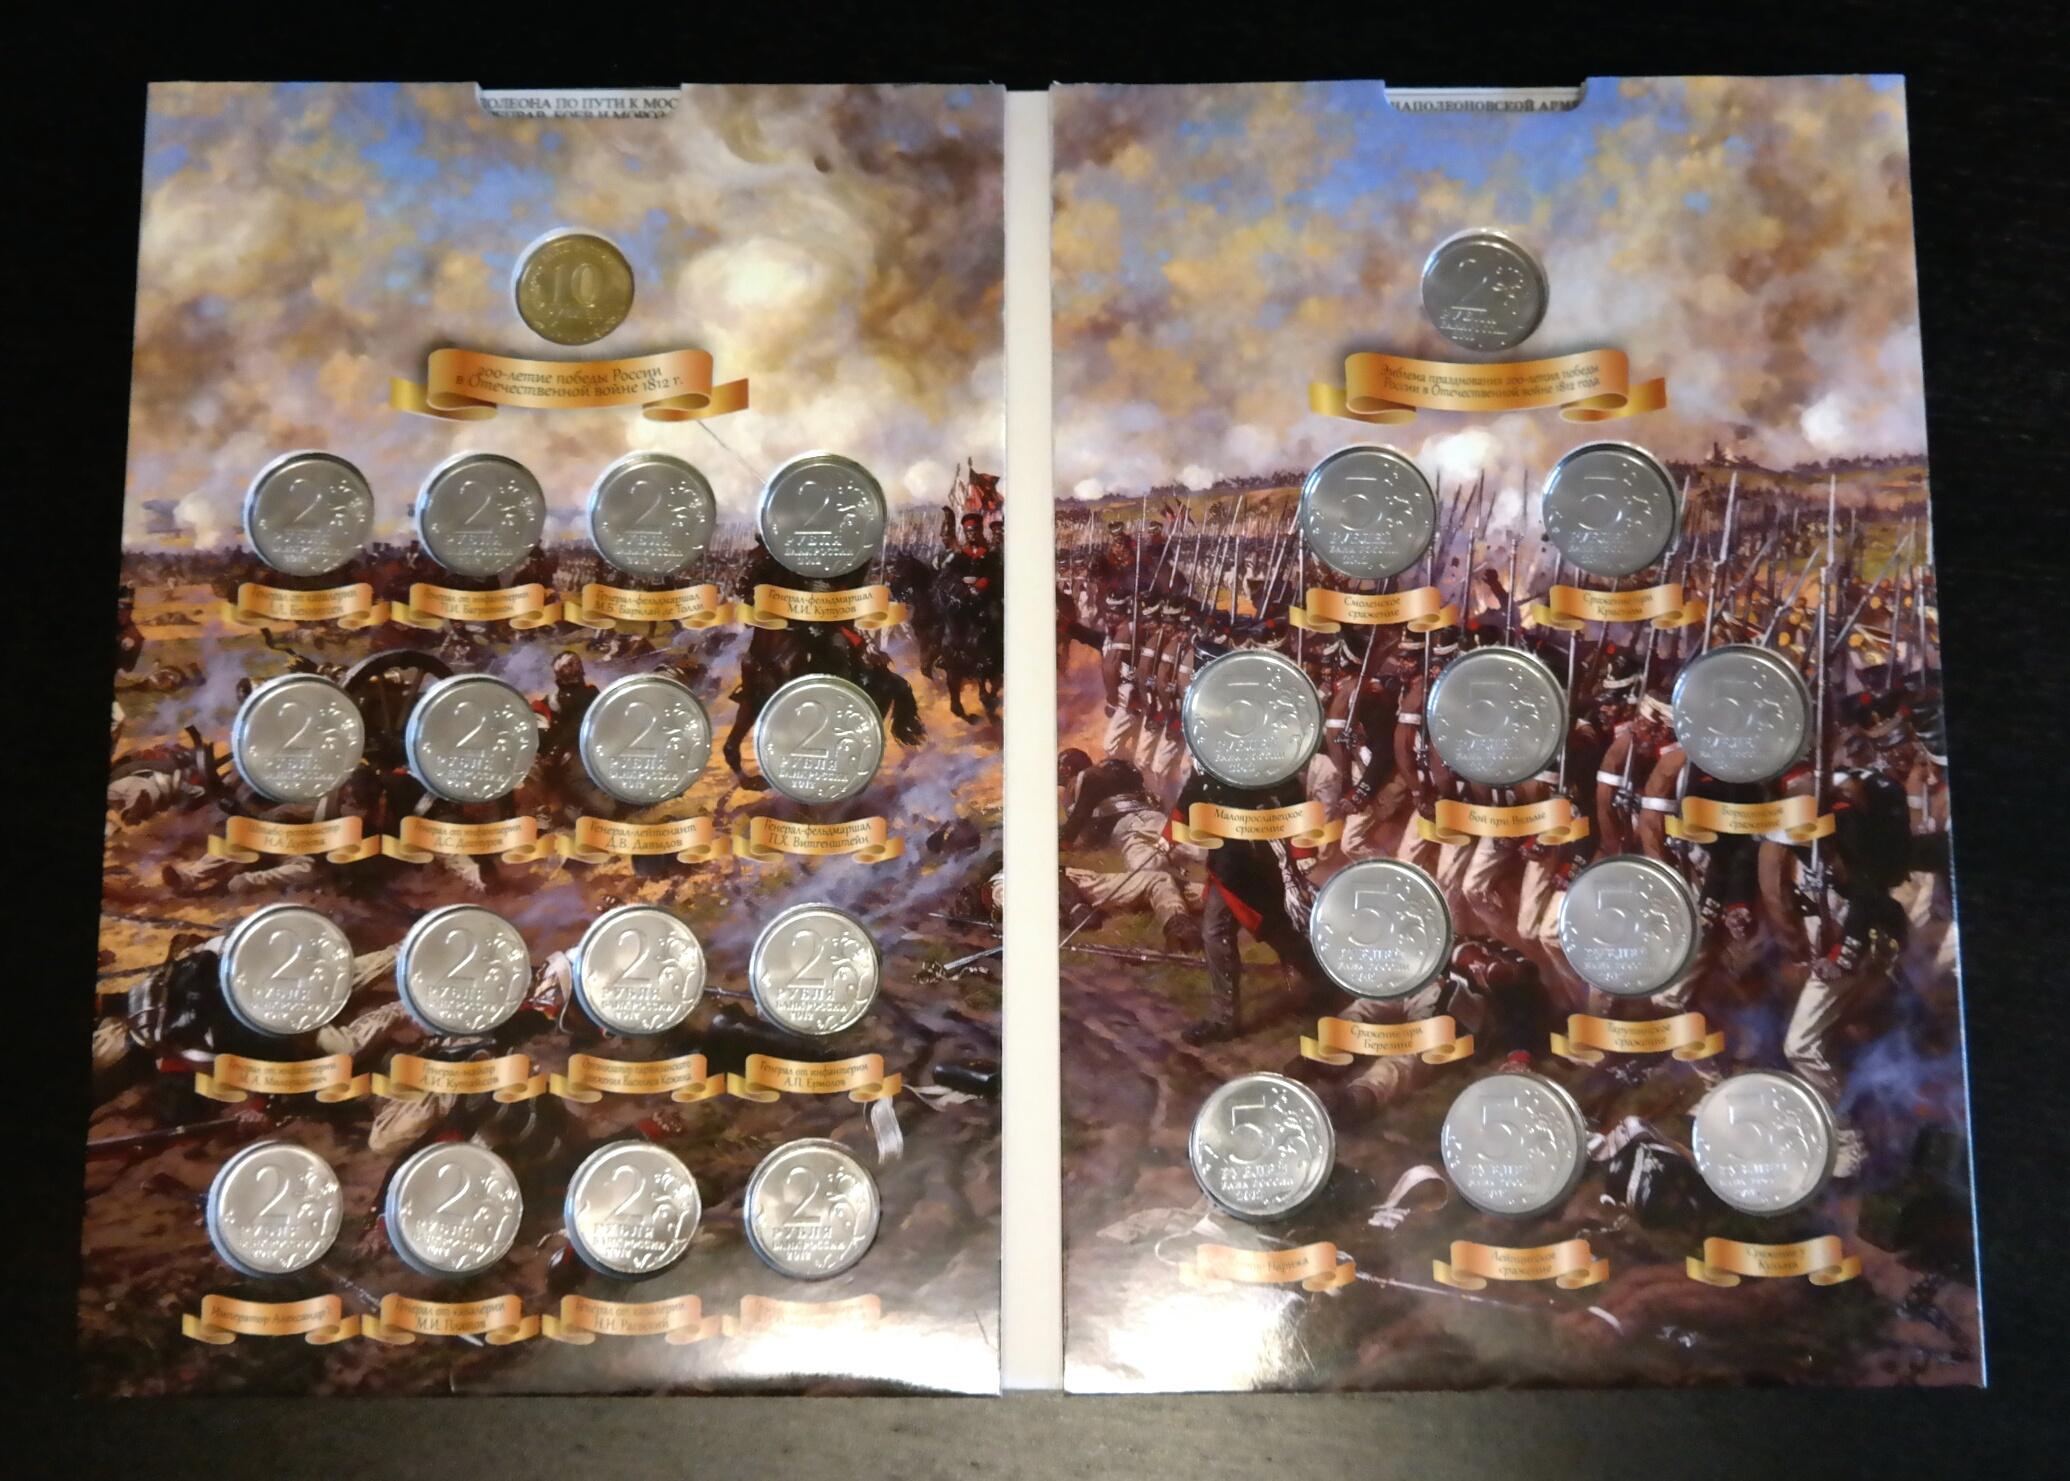 НОВИНКА!!! Альбом для монет, посвященных 200-летию победы России в Отечественной войне 1812 года Версия 2.0